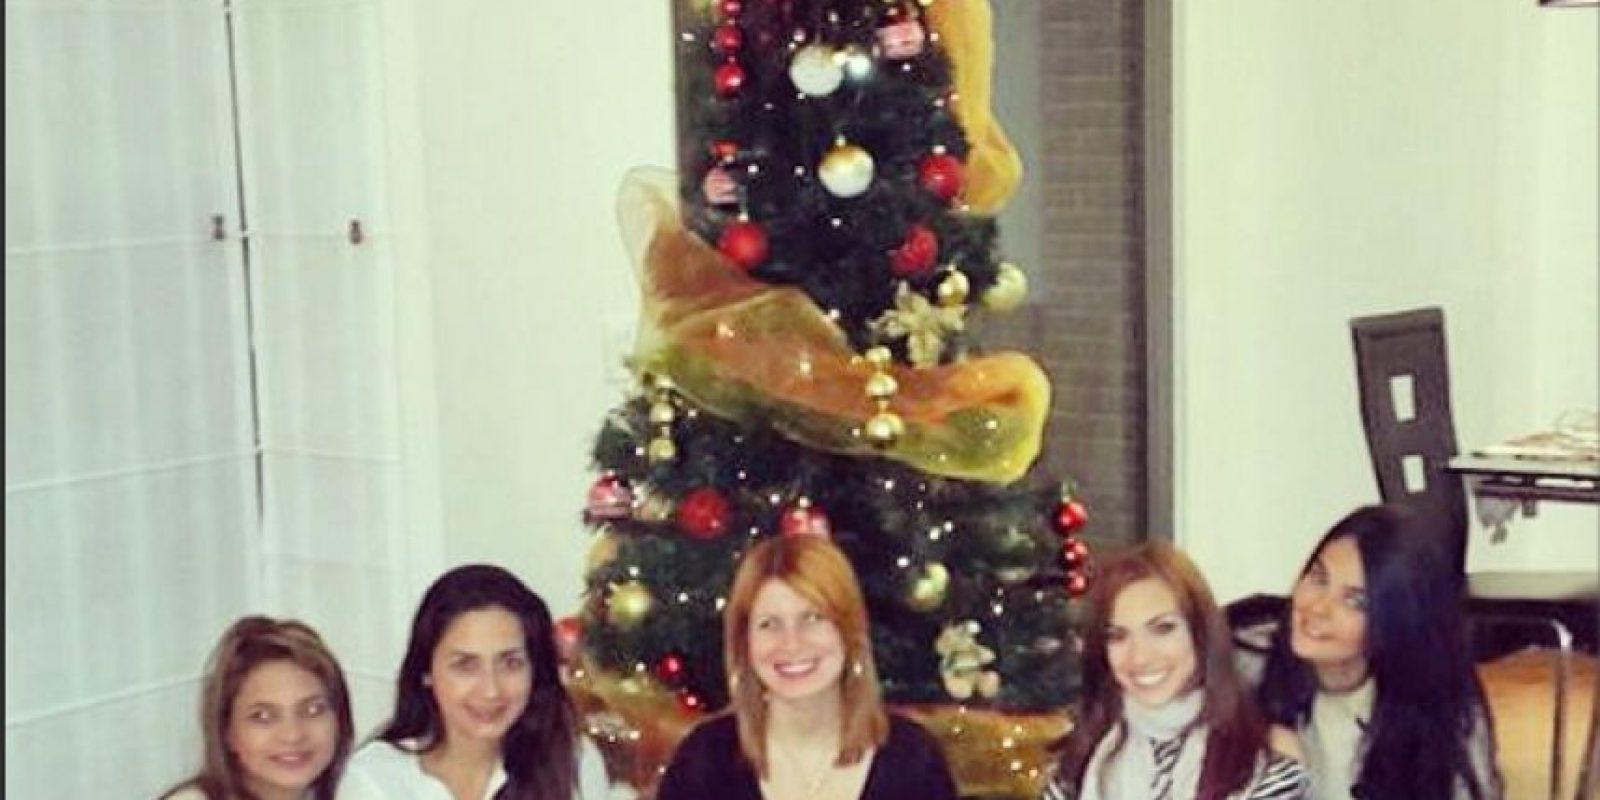 Eileen Roca armó el arbolito junto a sus amigos. Foto:Instagram